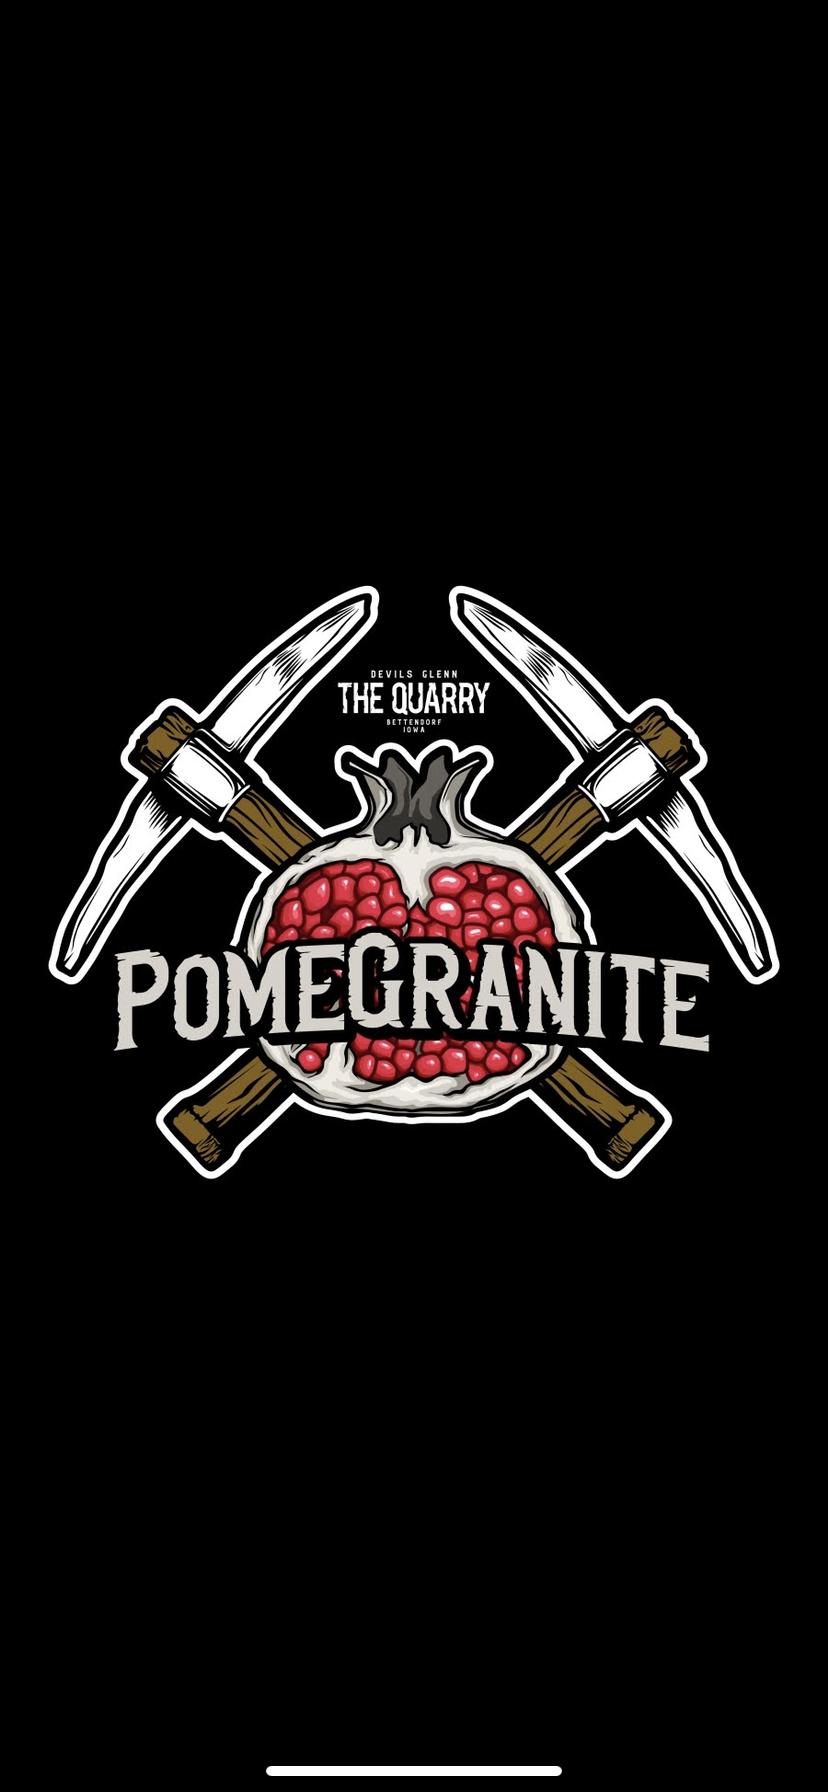 Quarry Pomegranite beer Label Full Size